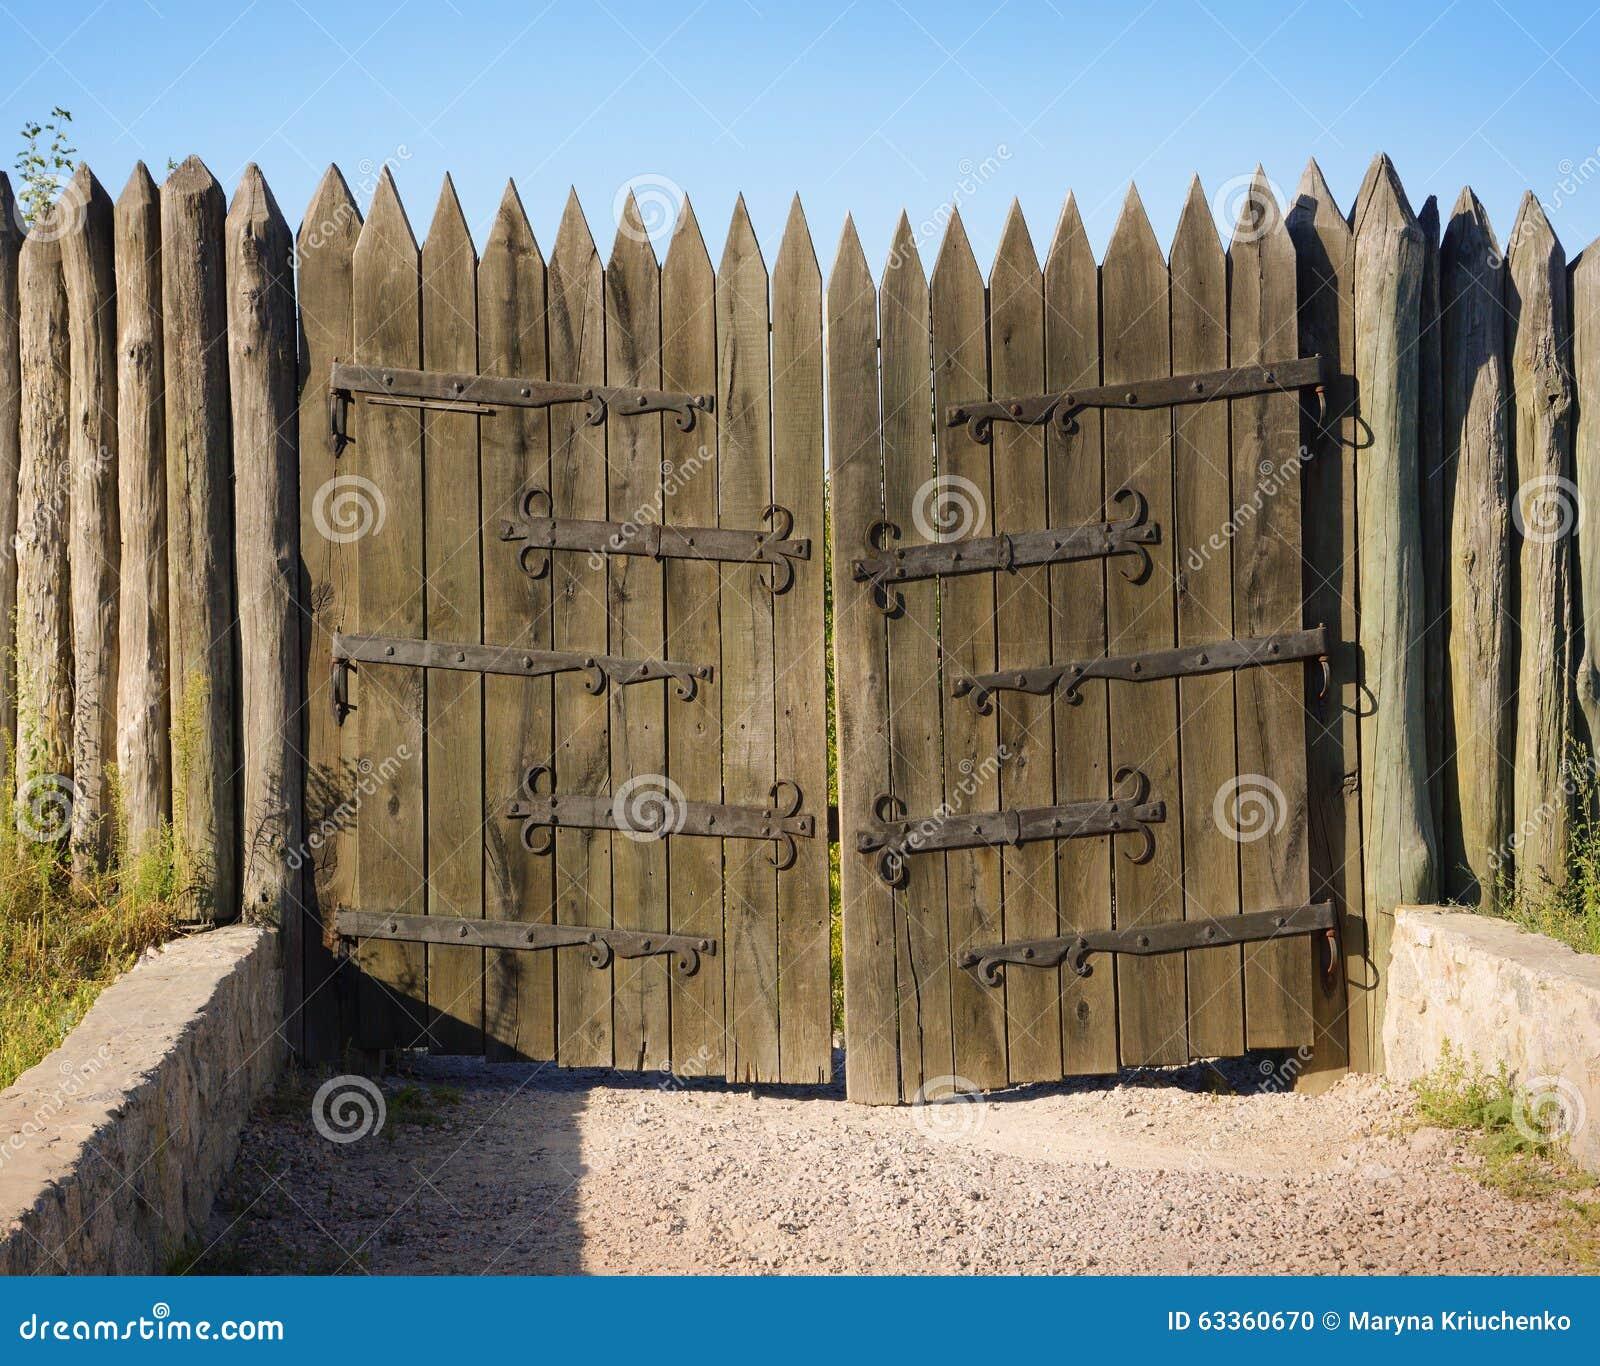 Hortitsa vintage wooden gates stock photo image